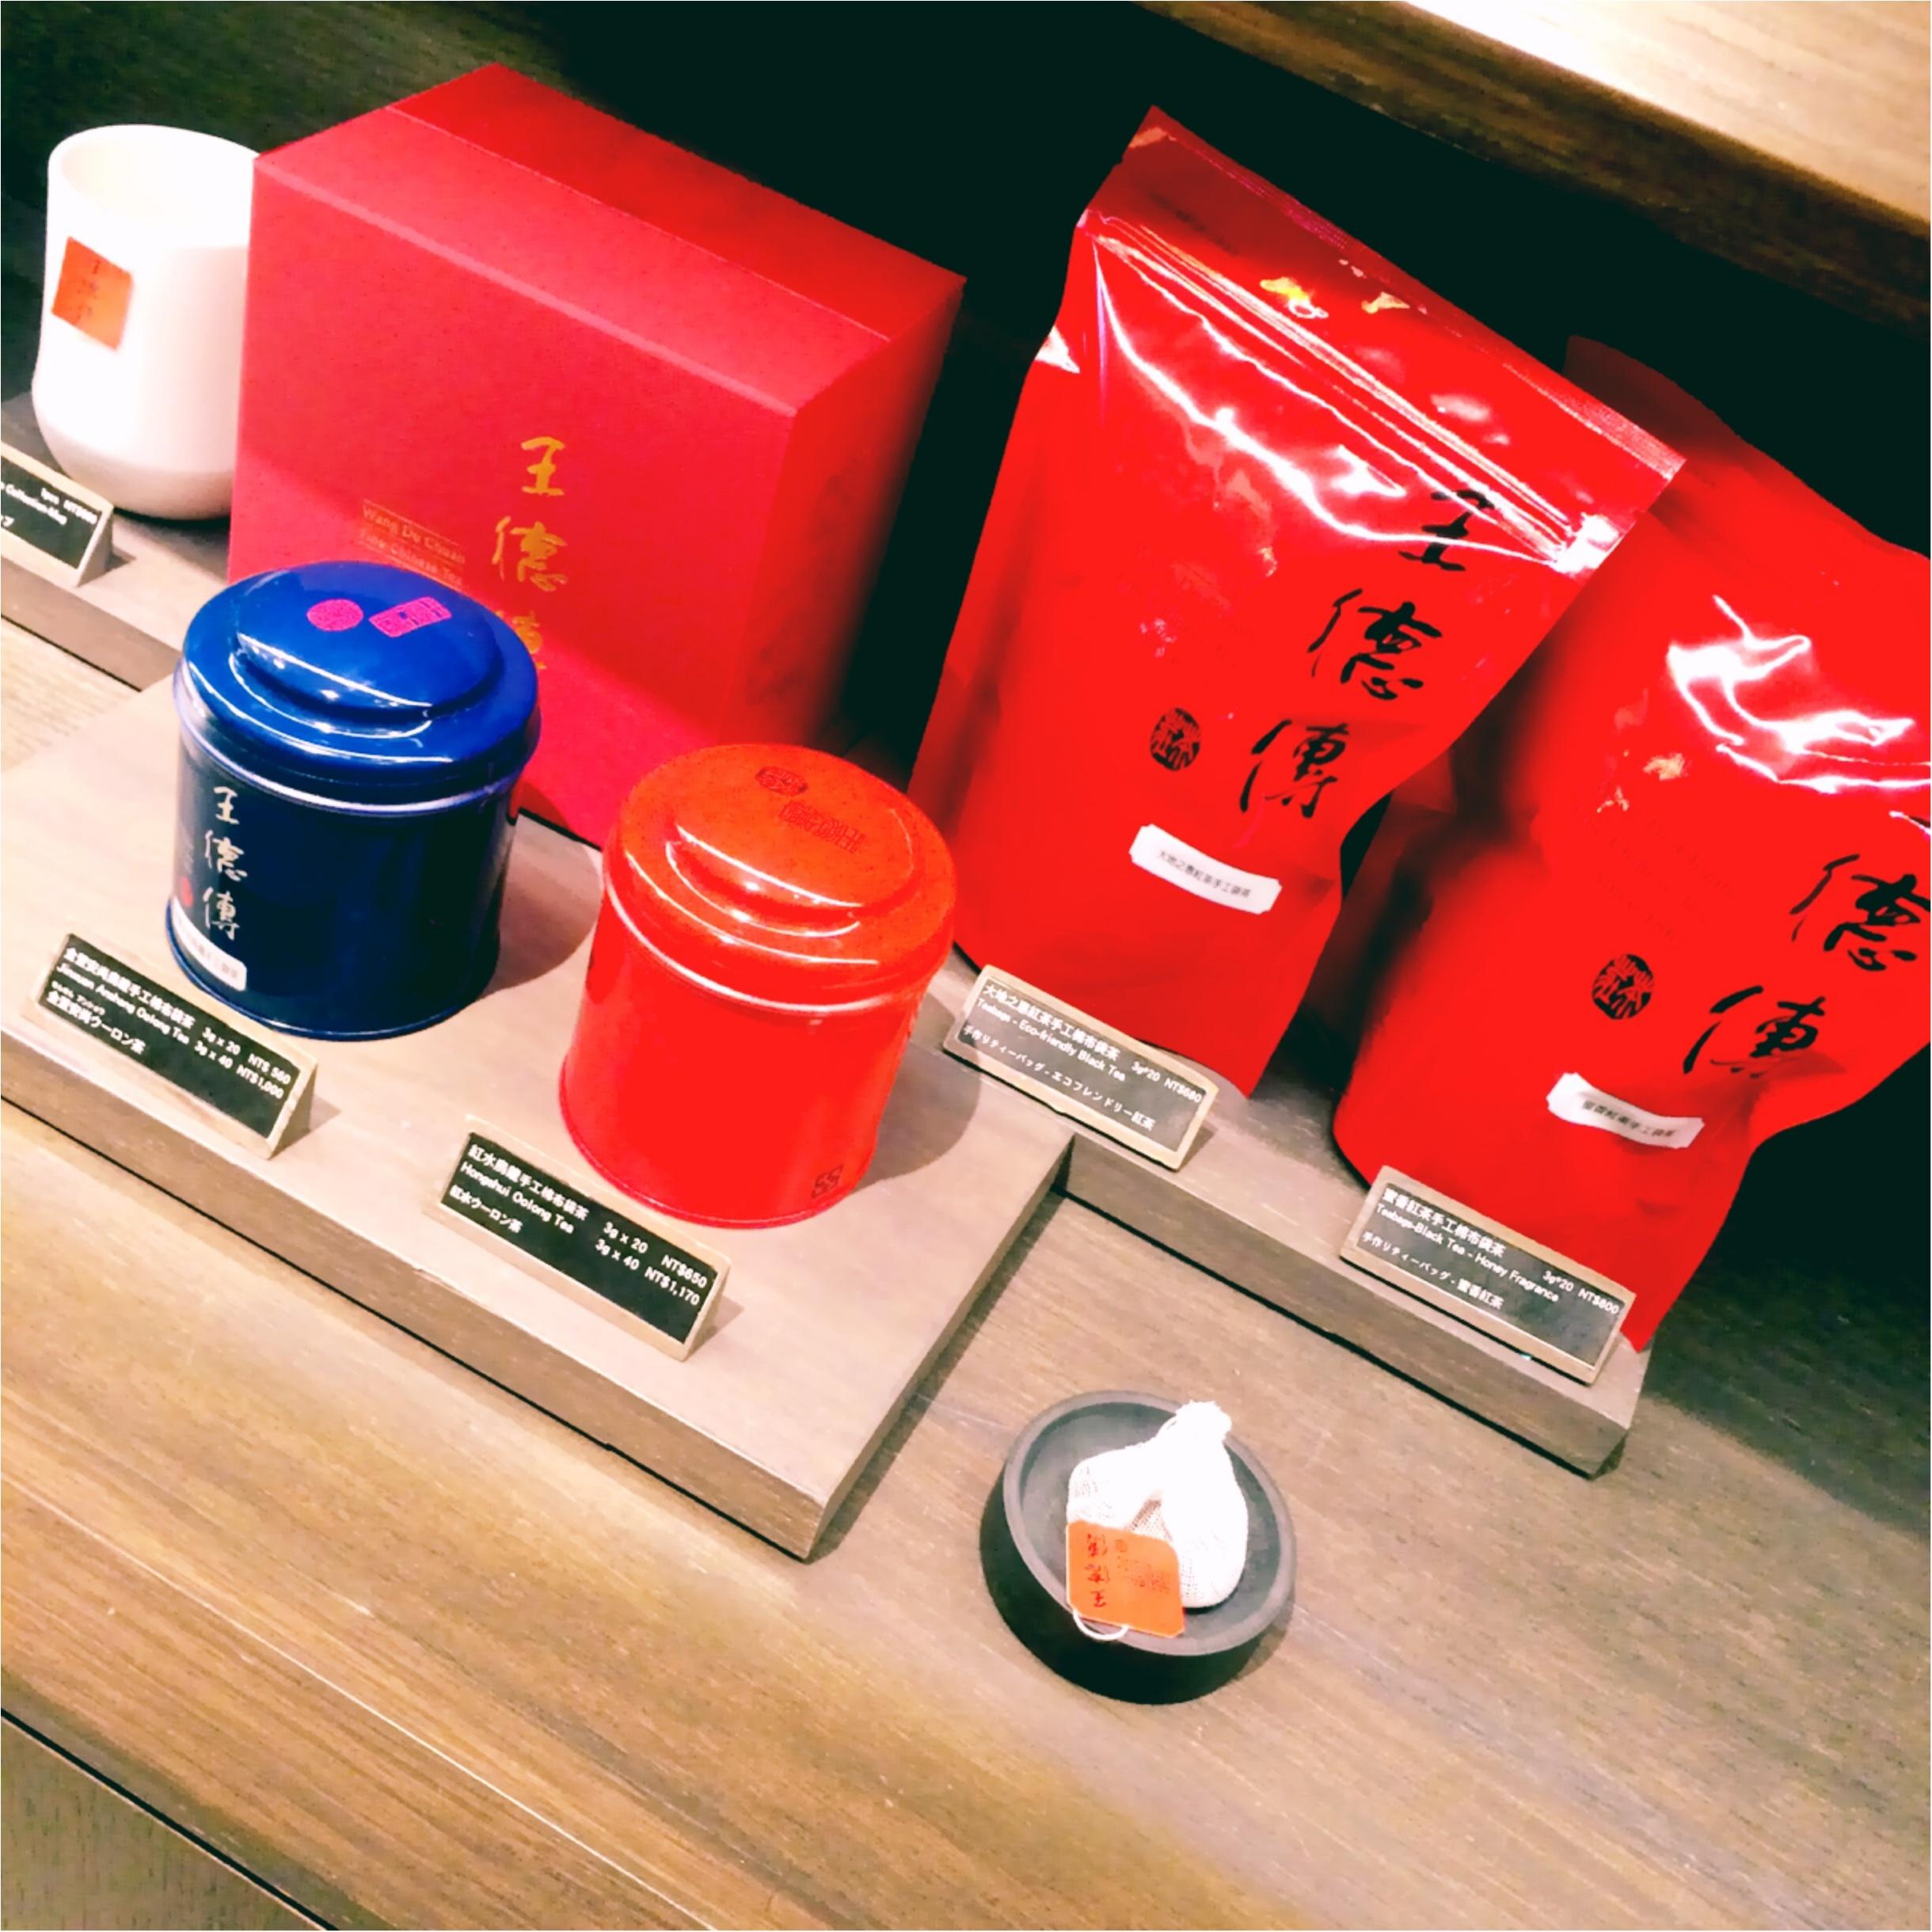 ★台湾といえばお茶!真っ赤な缶が目印♡140年以上の歴史を持つ老舗茶荘って?★_7